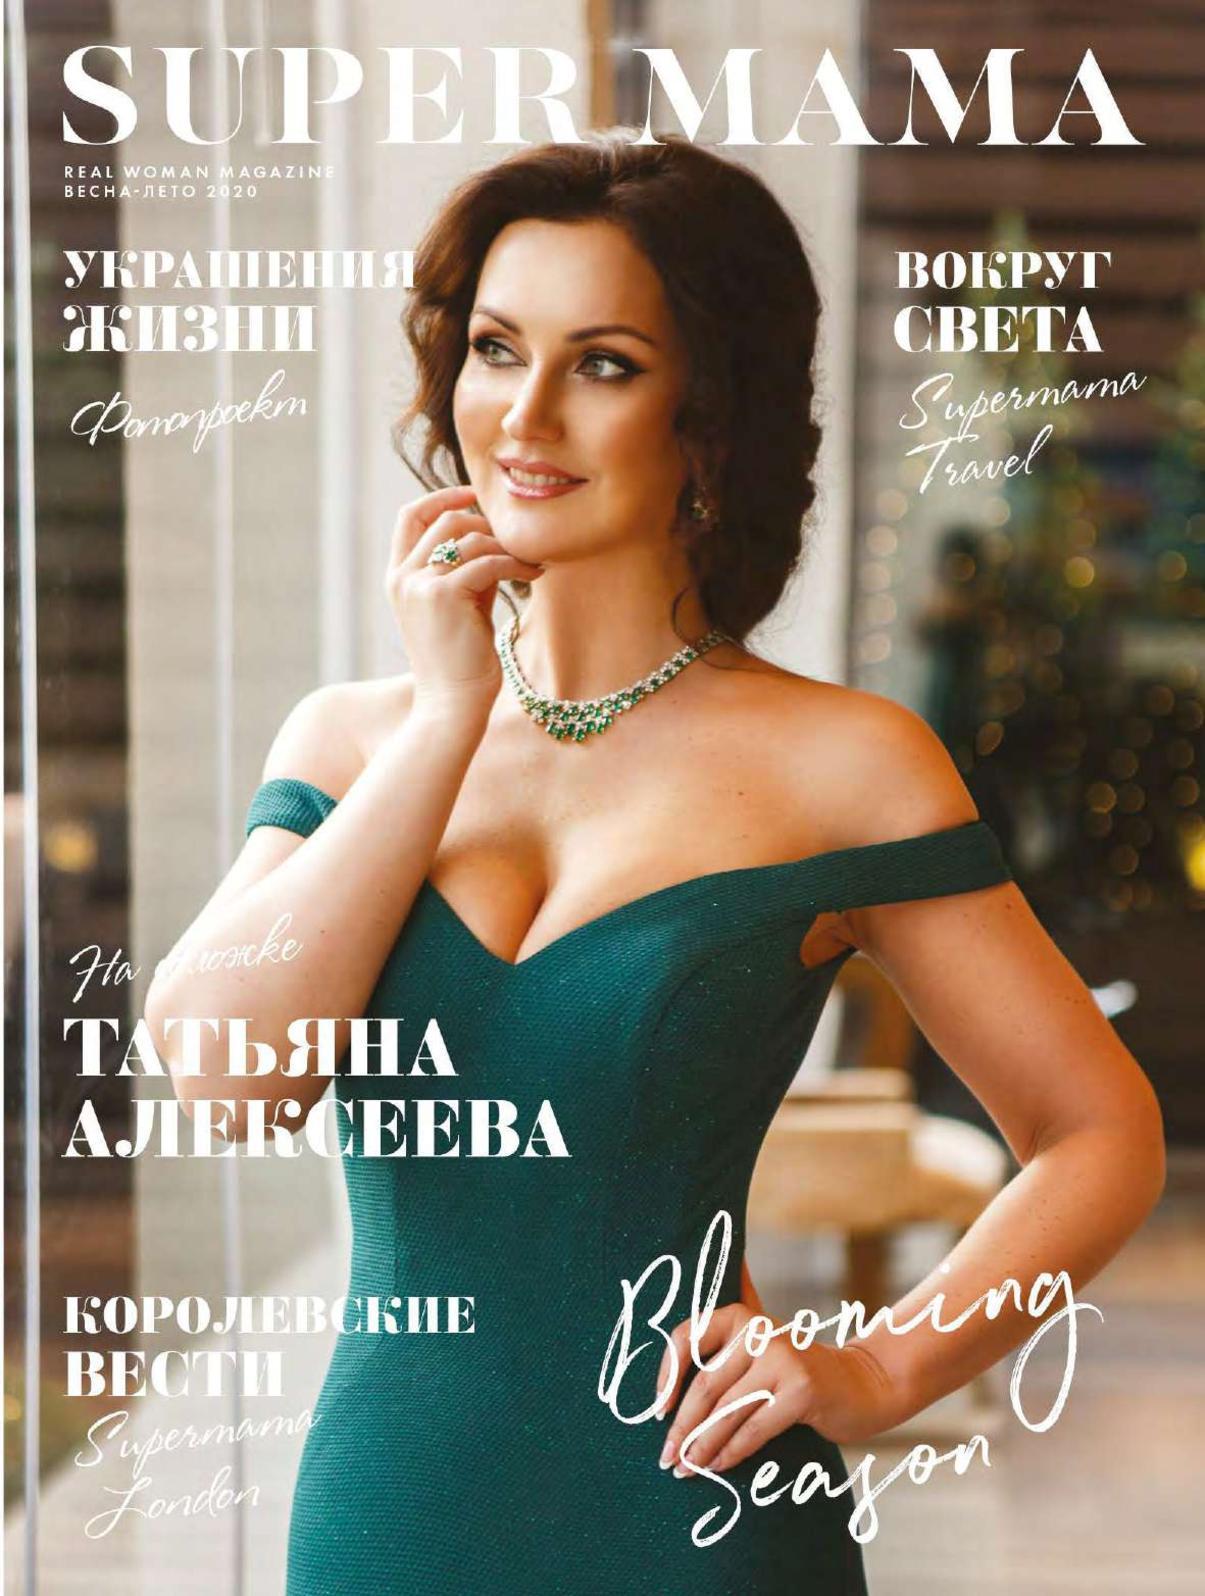 Сексуальная малышка Maya отдыхает в сибирском отеле